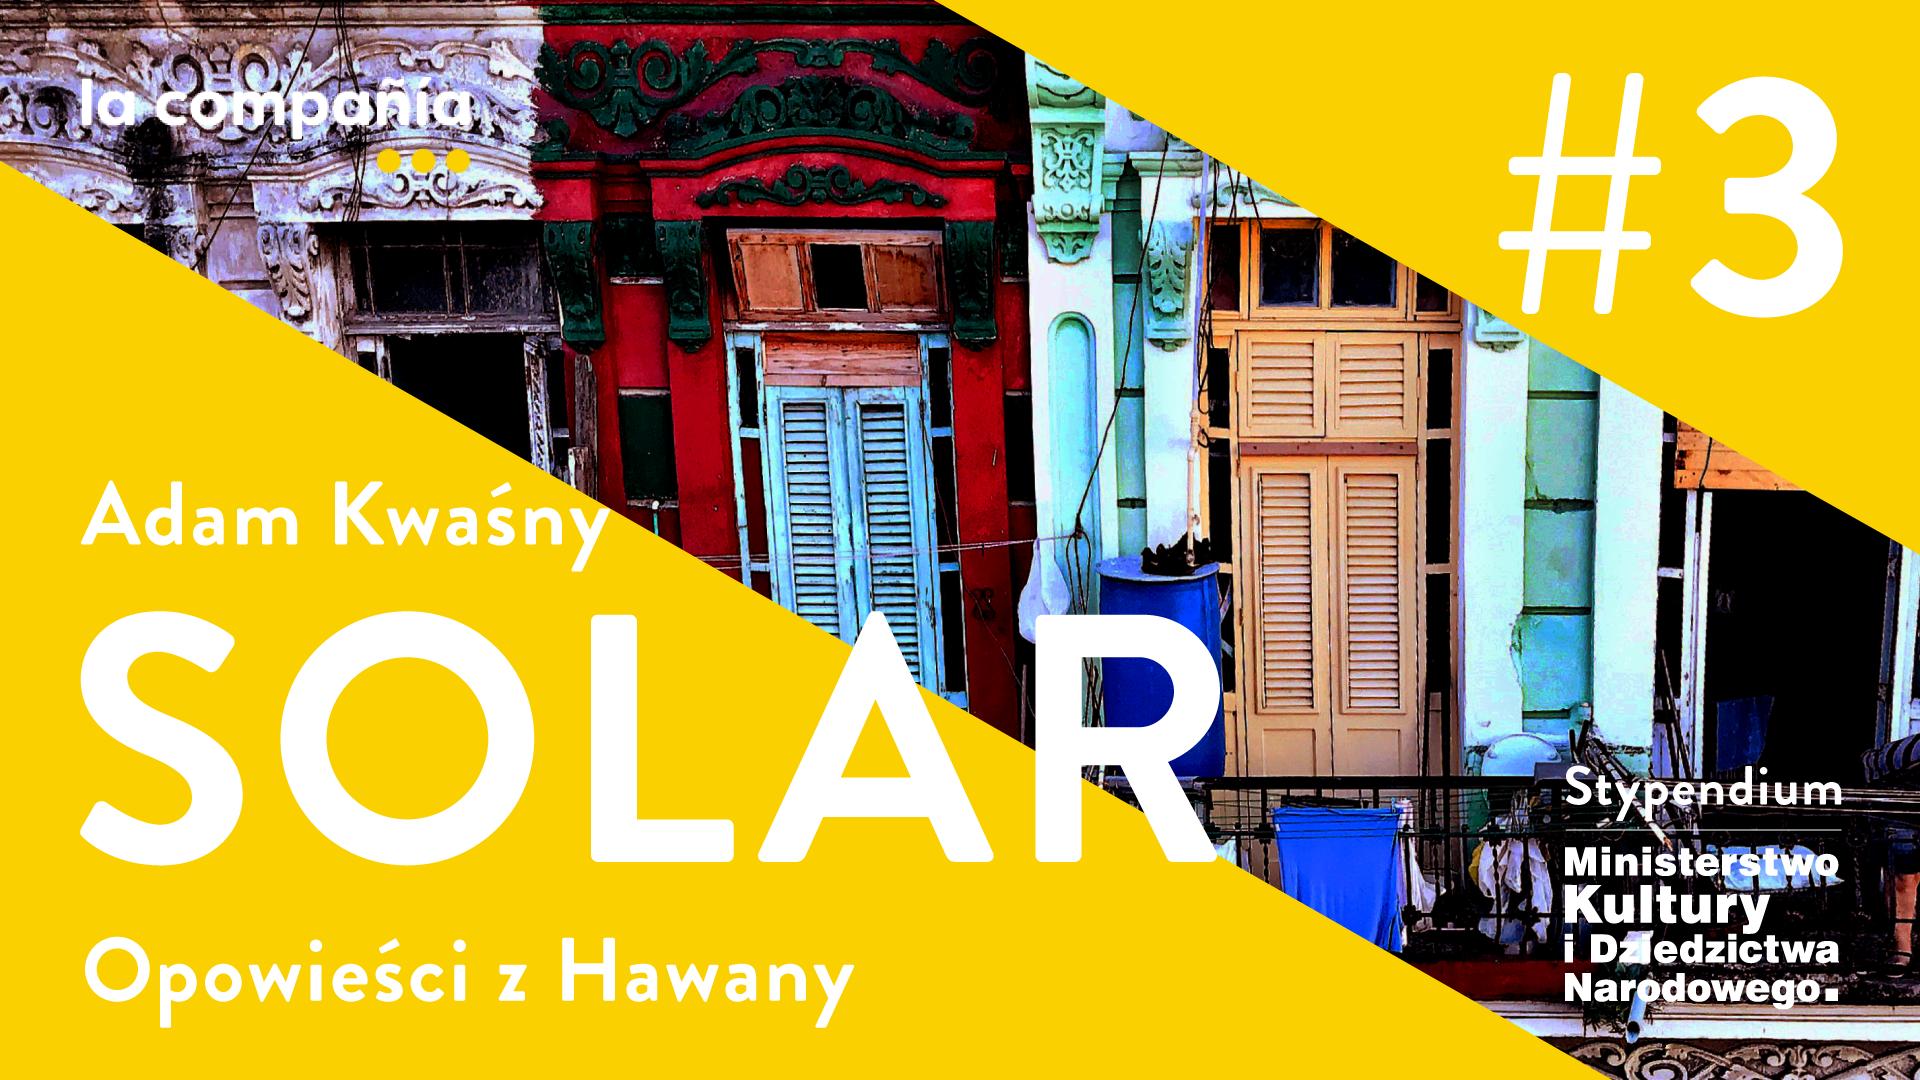 SOLAR Opowieści z Hawany. Rozdział 3